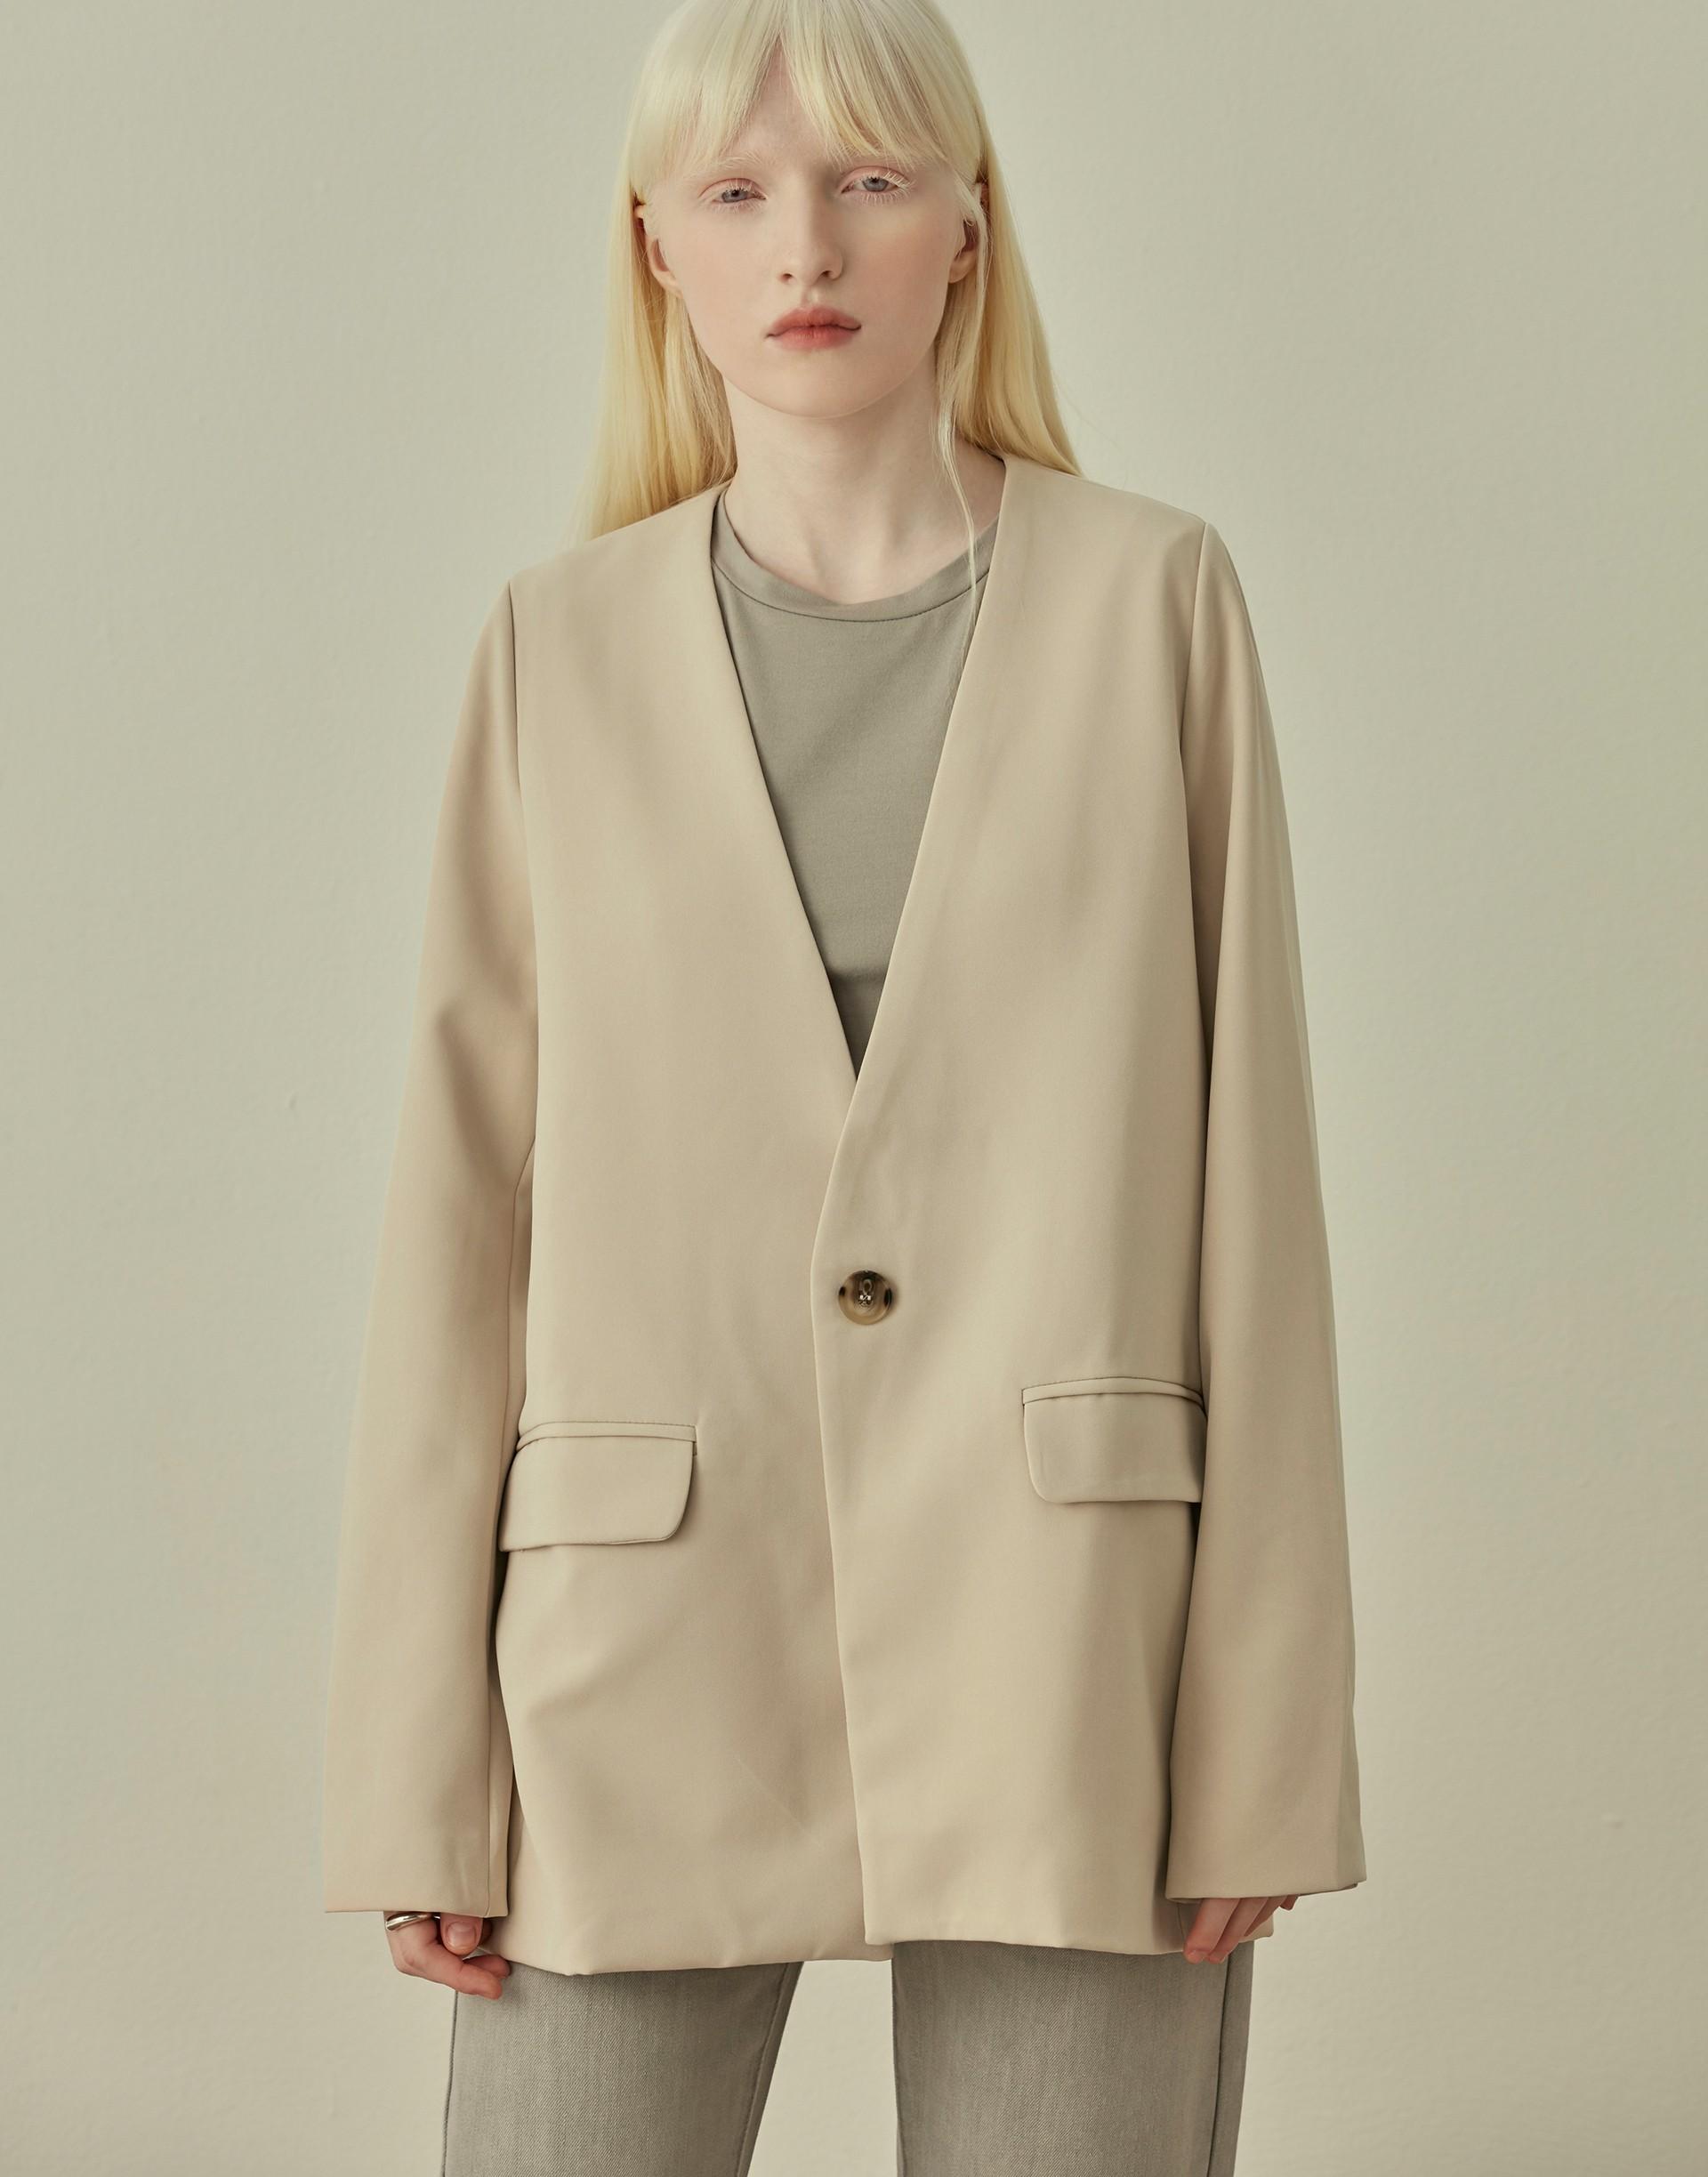 彈性:適中 高端質感西裝棉質料、無領設計、V領及袖口開一釦、有內裡、率性寬鬆修飾版型